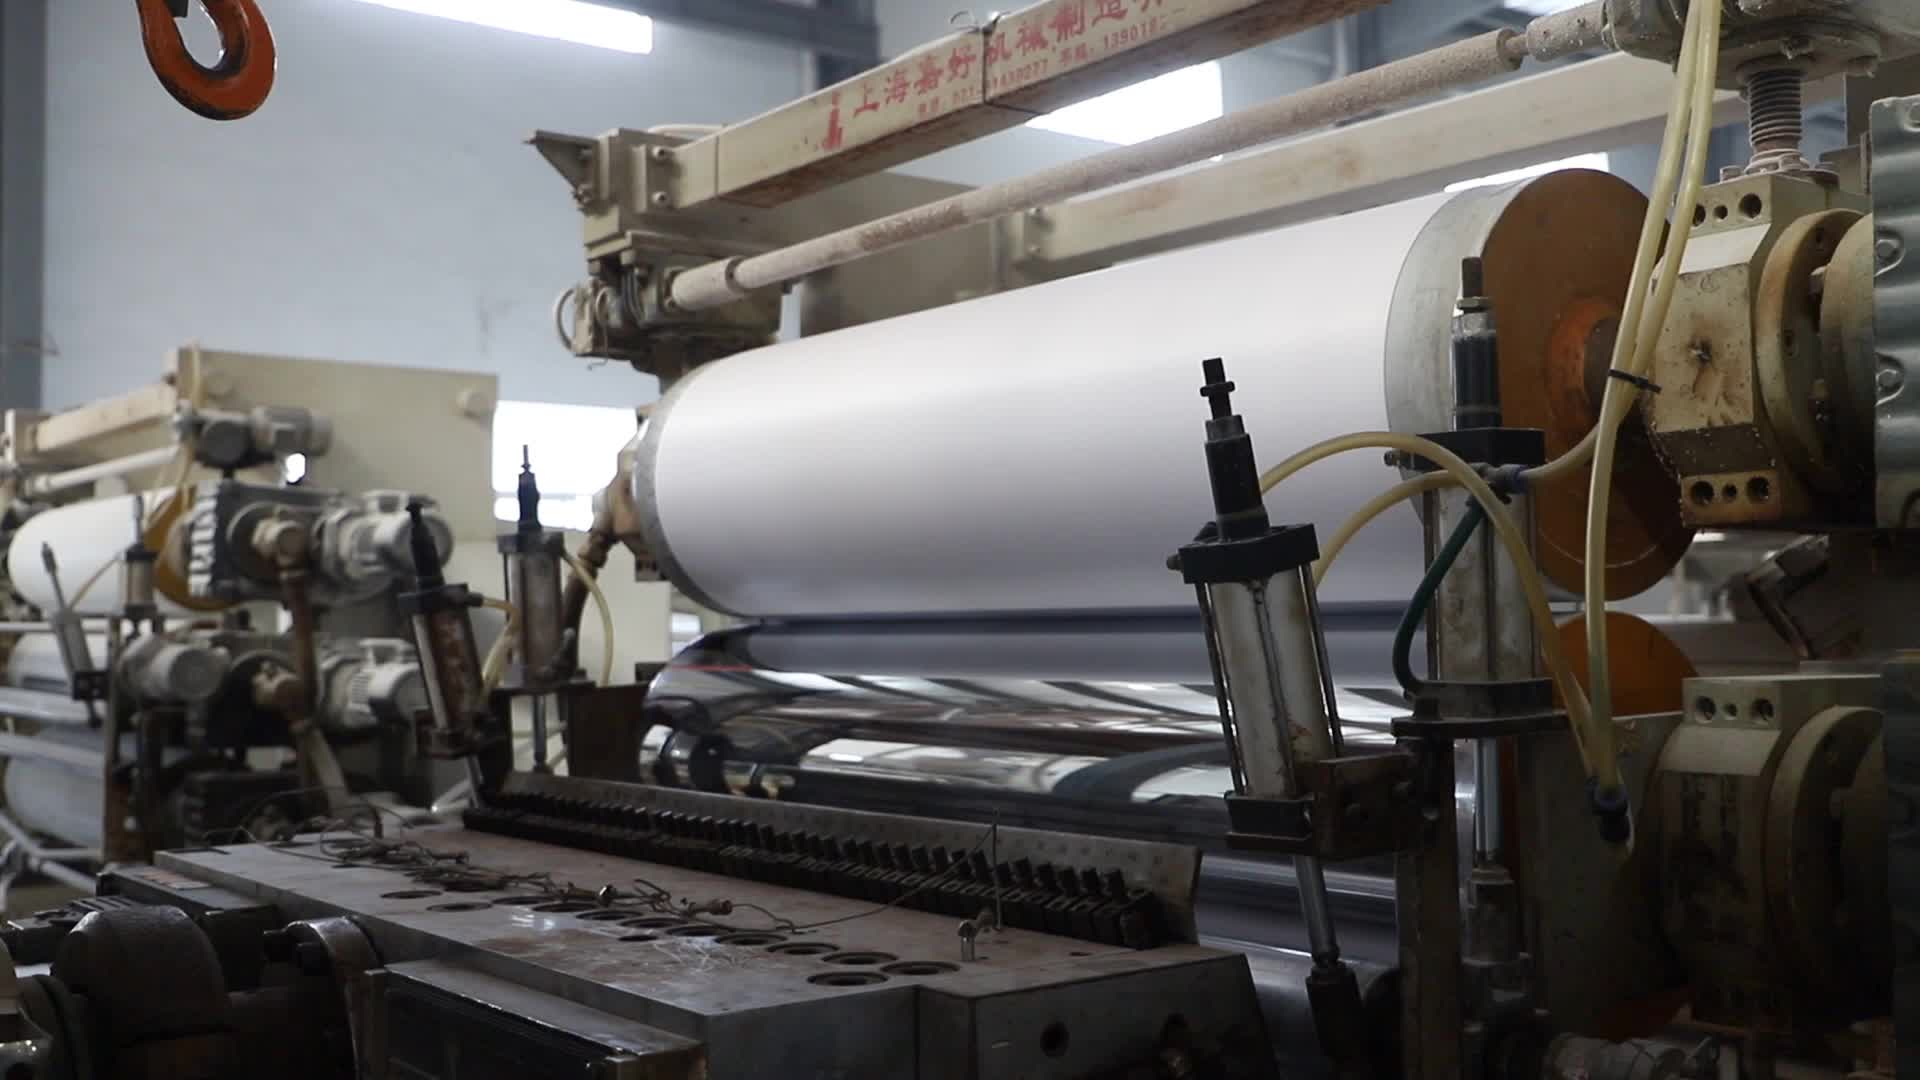 Beyaz Yüksek Yoğunluklu 4x8 Katı PVC köpük panel/PVC Plastik Bloklar Baskı Için